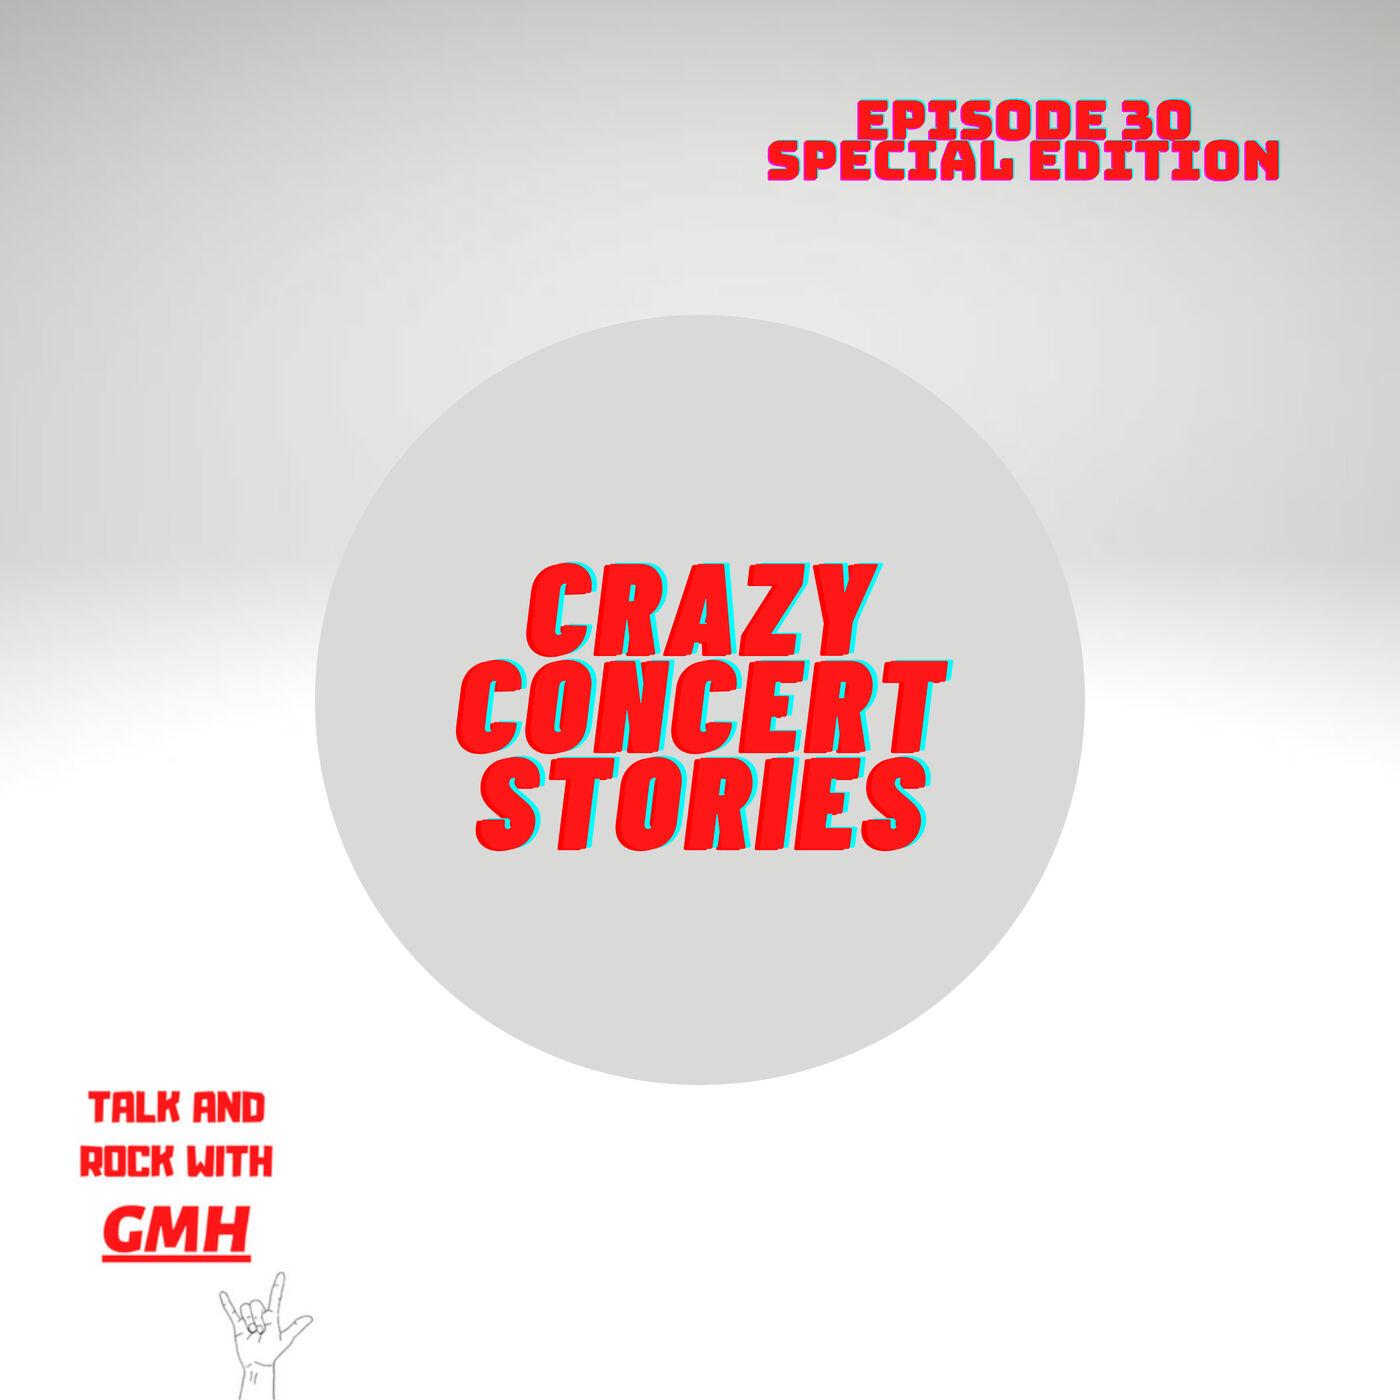 Crazy Concert Stories